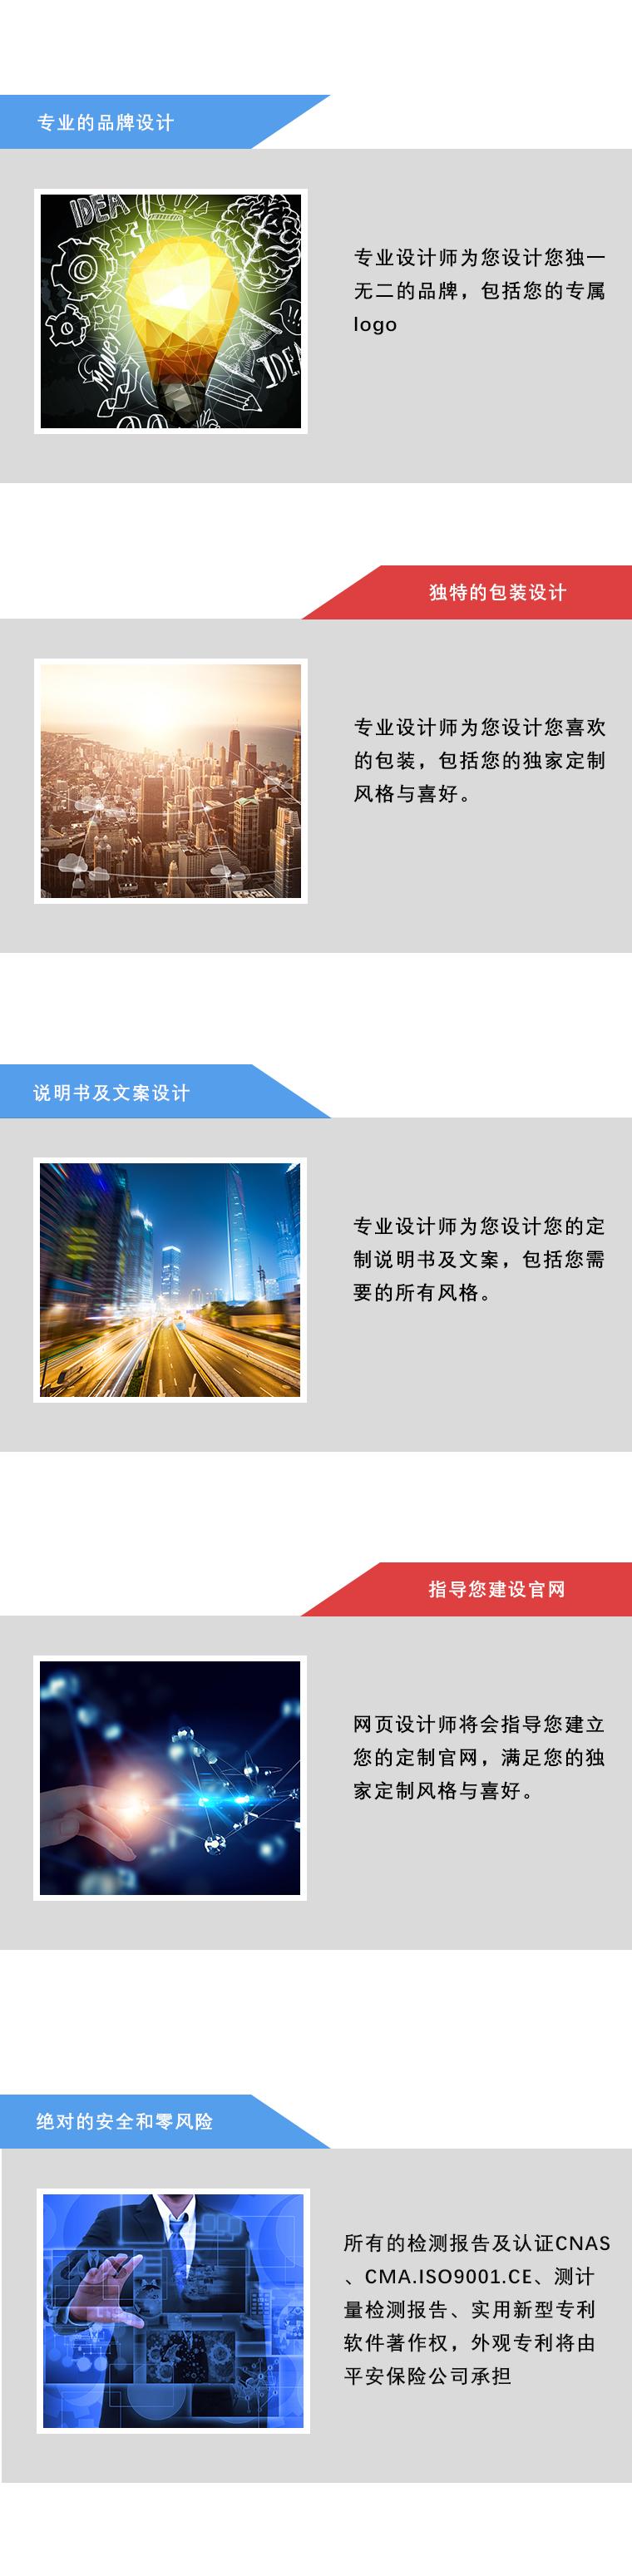 节电器详情页_05.jpg